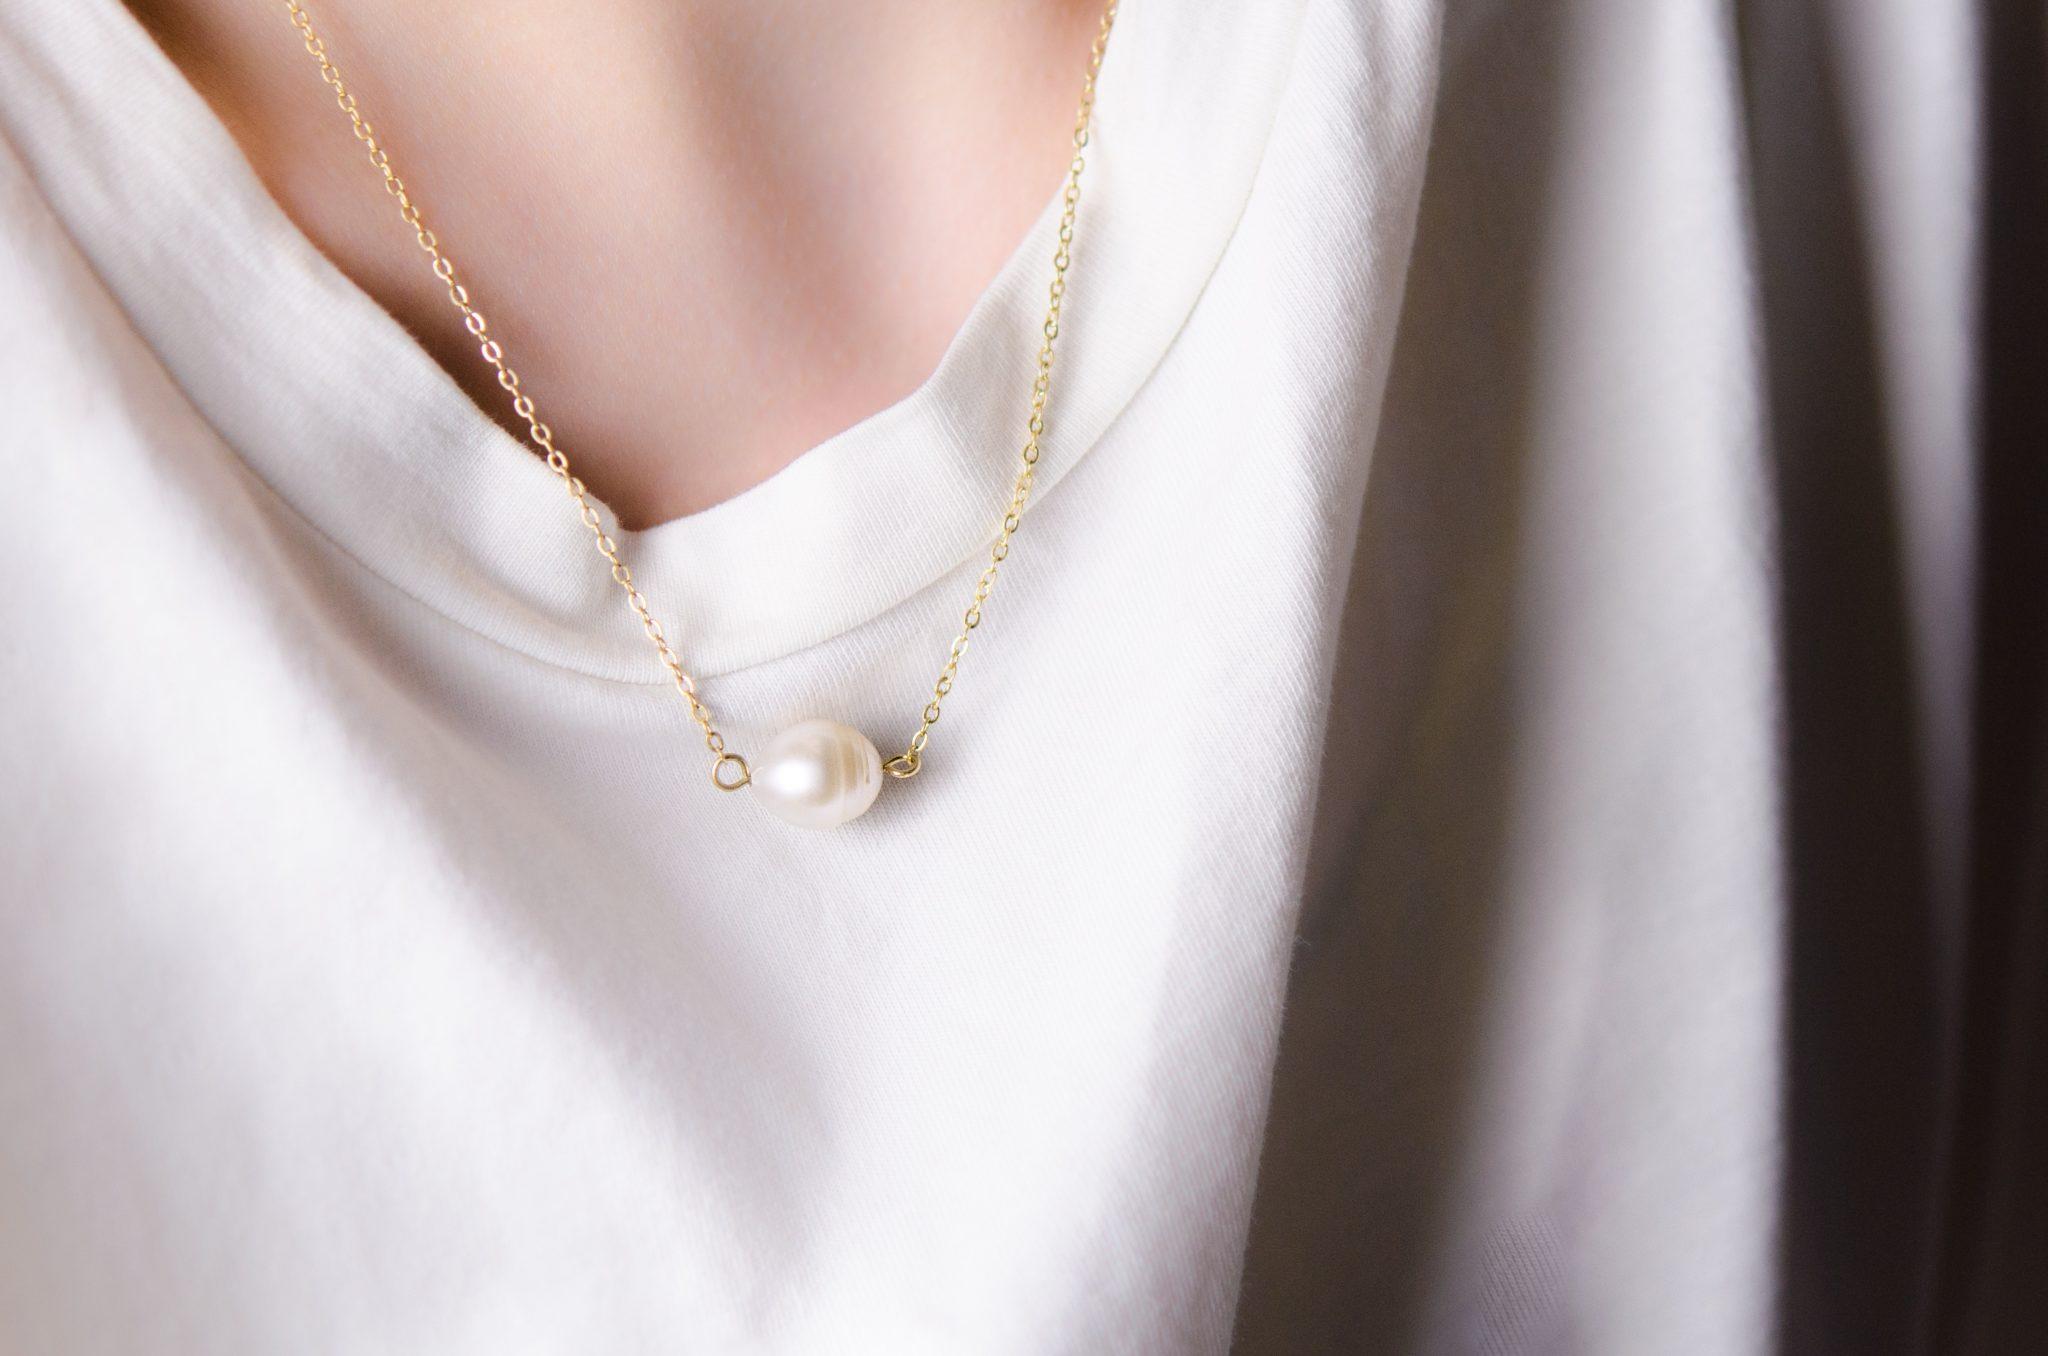 Halskette Perle minimalistisch wirklich elegant